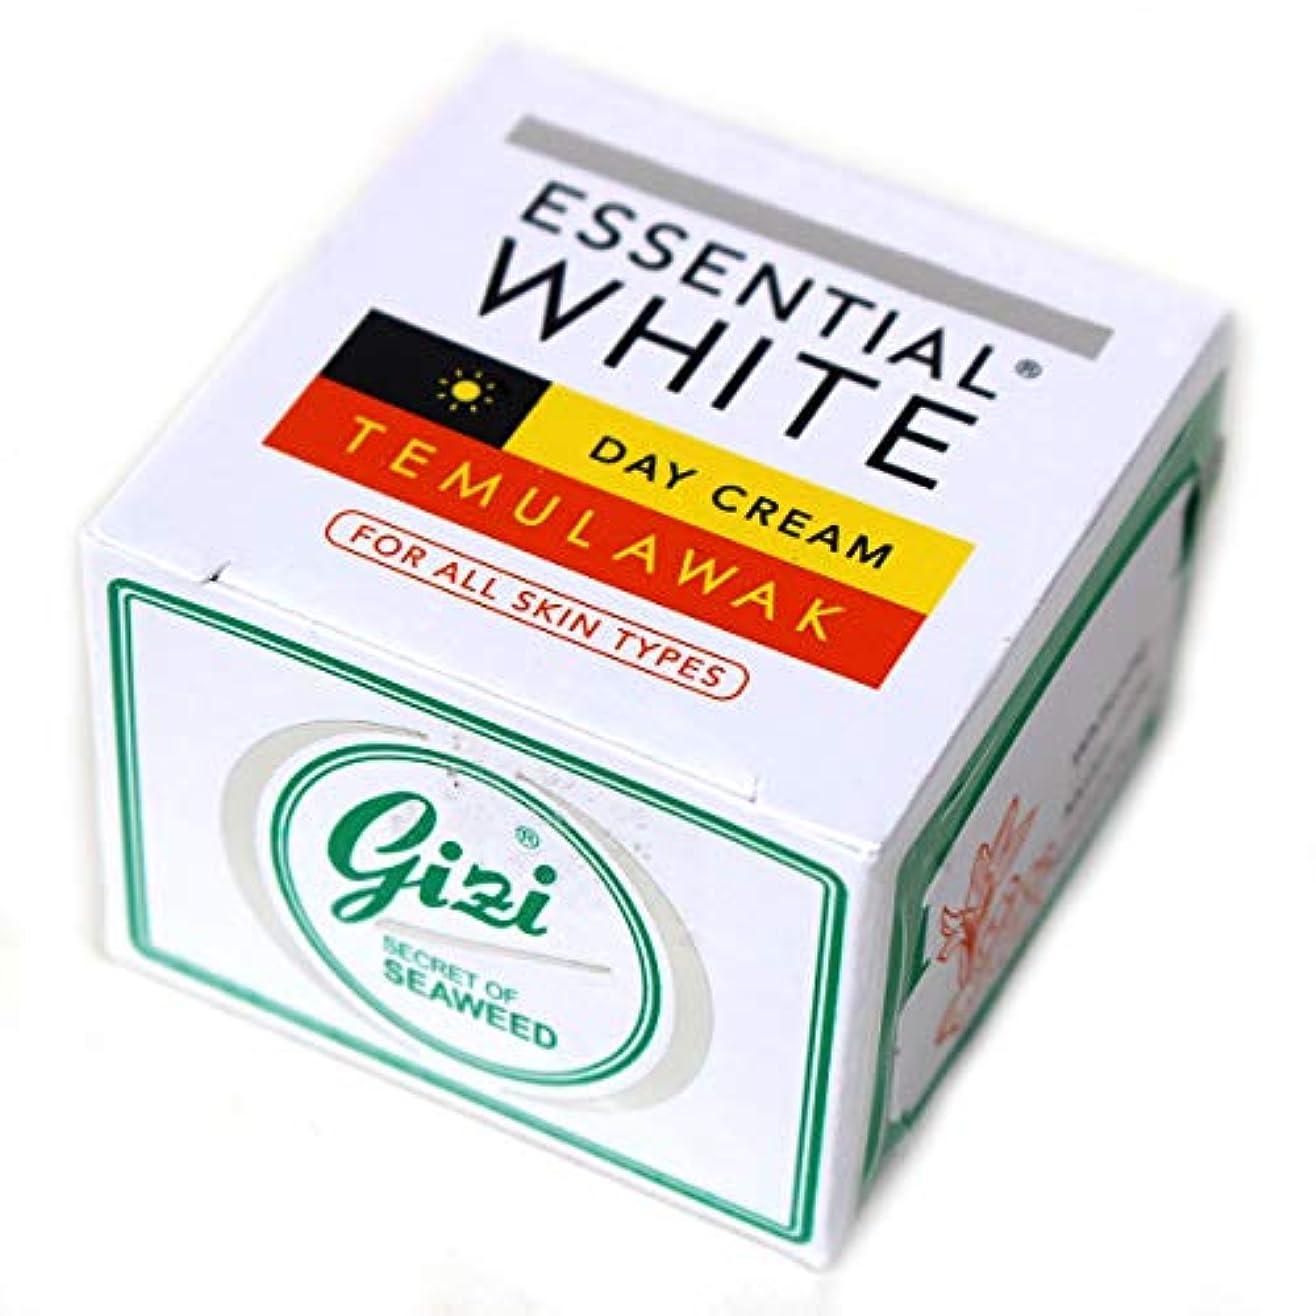 チップジョージスティーブンソン花瓶ギジ gizi Essential White 日中用スキンケアクリーム ボトルタイプ 9g テムラワク ウコン など天然成分配合 [海外直送品]